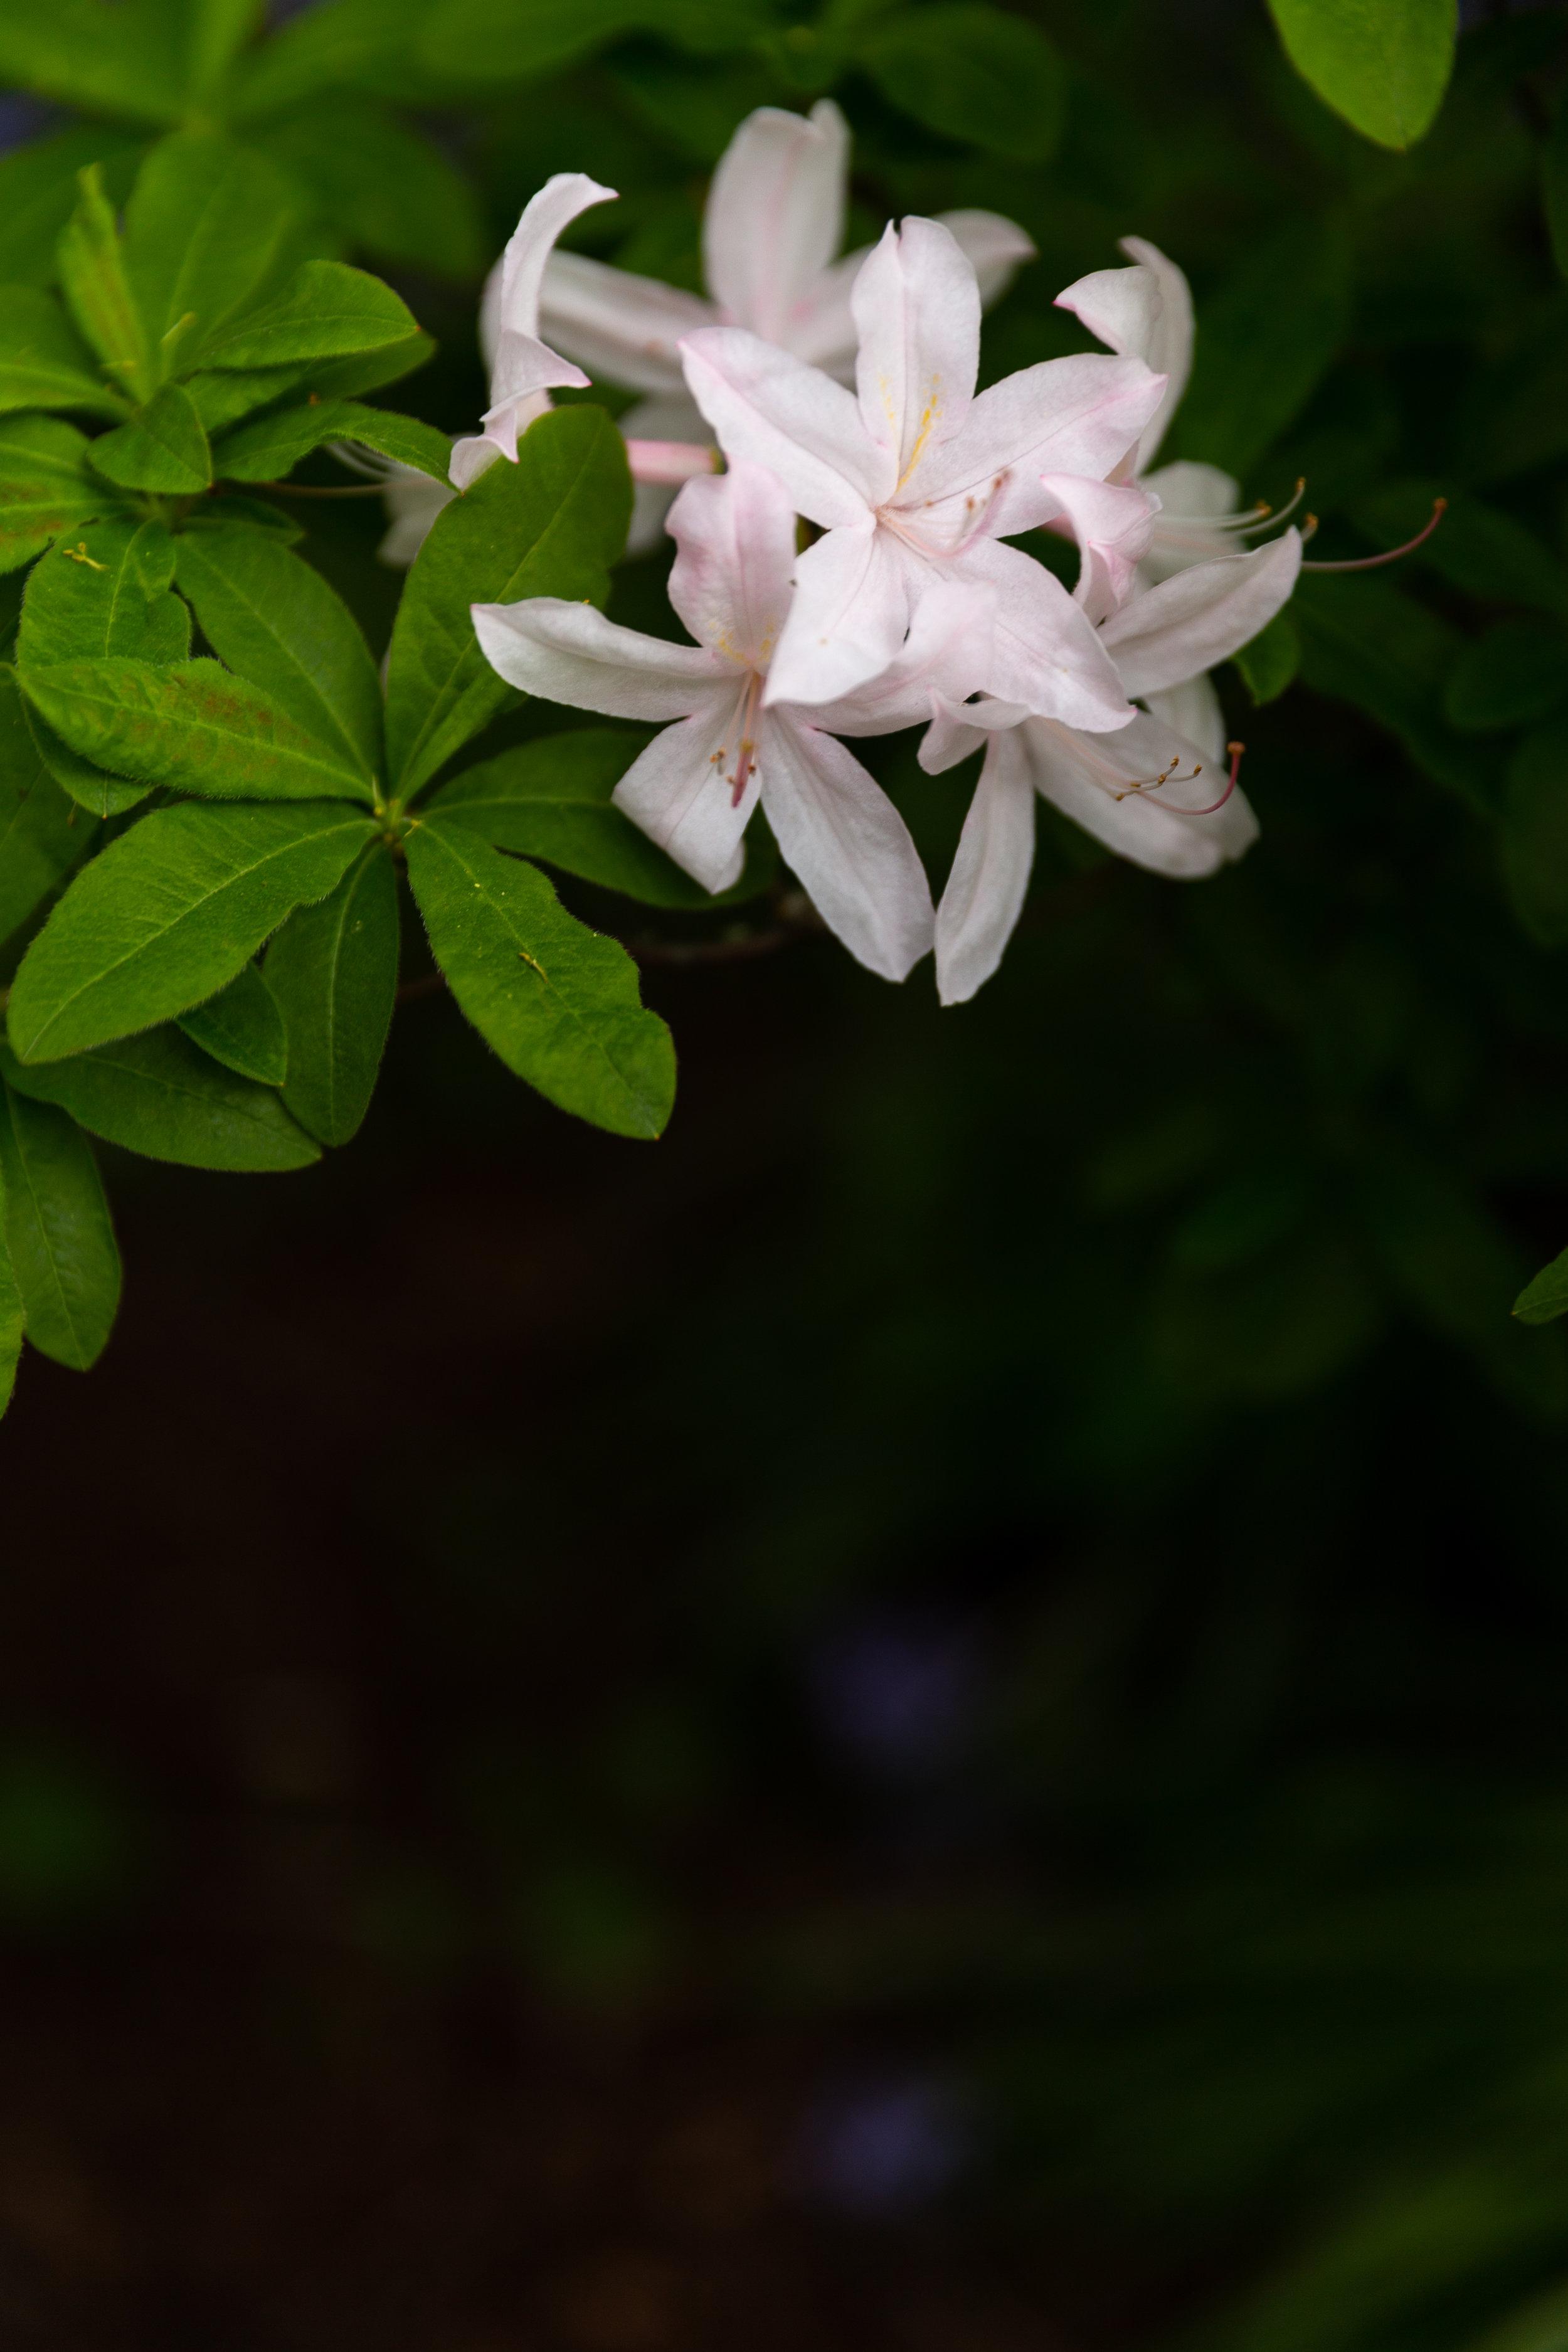 may 7 otis garden flowers oly 2018 5 star edits jenny l miller (8 of 368).jpg